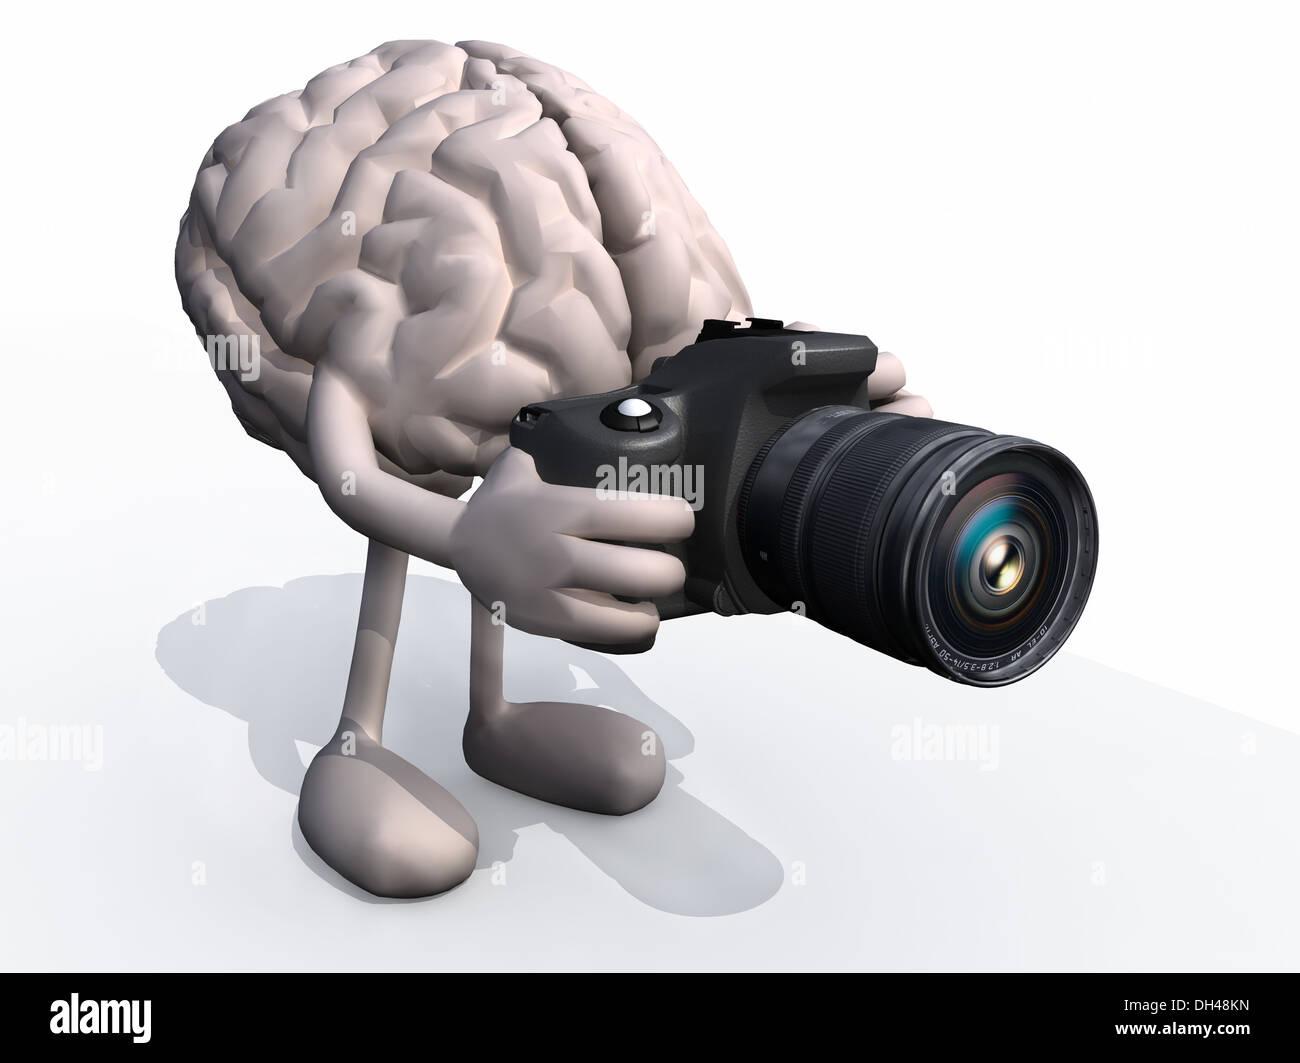 menschlichen Gehirns mit Armen, Beinen und digitale Foto-Kamera ...